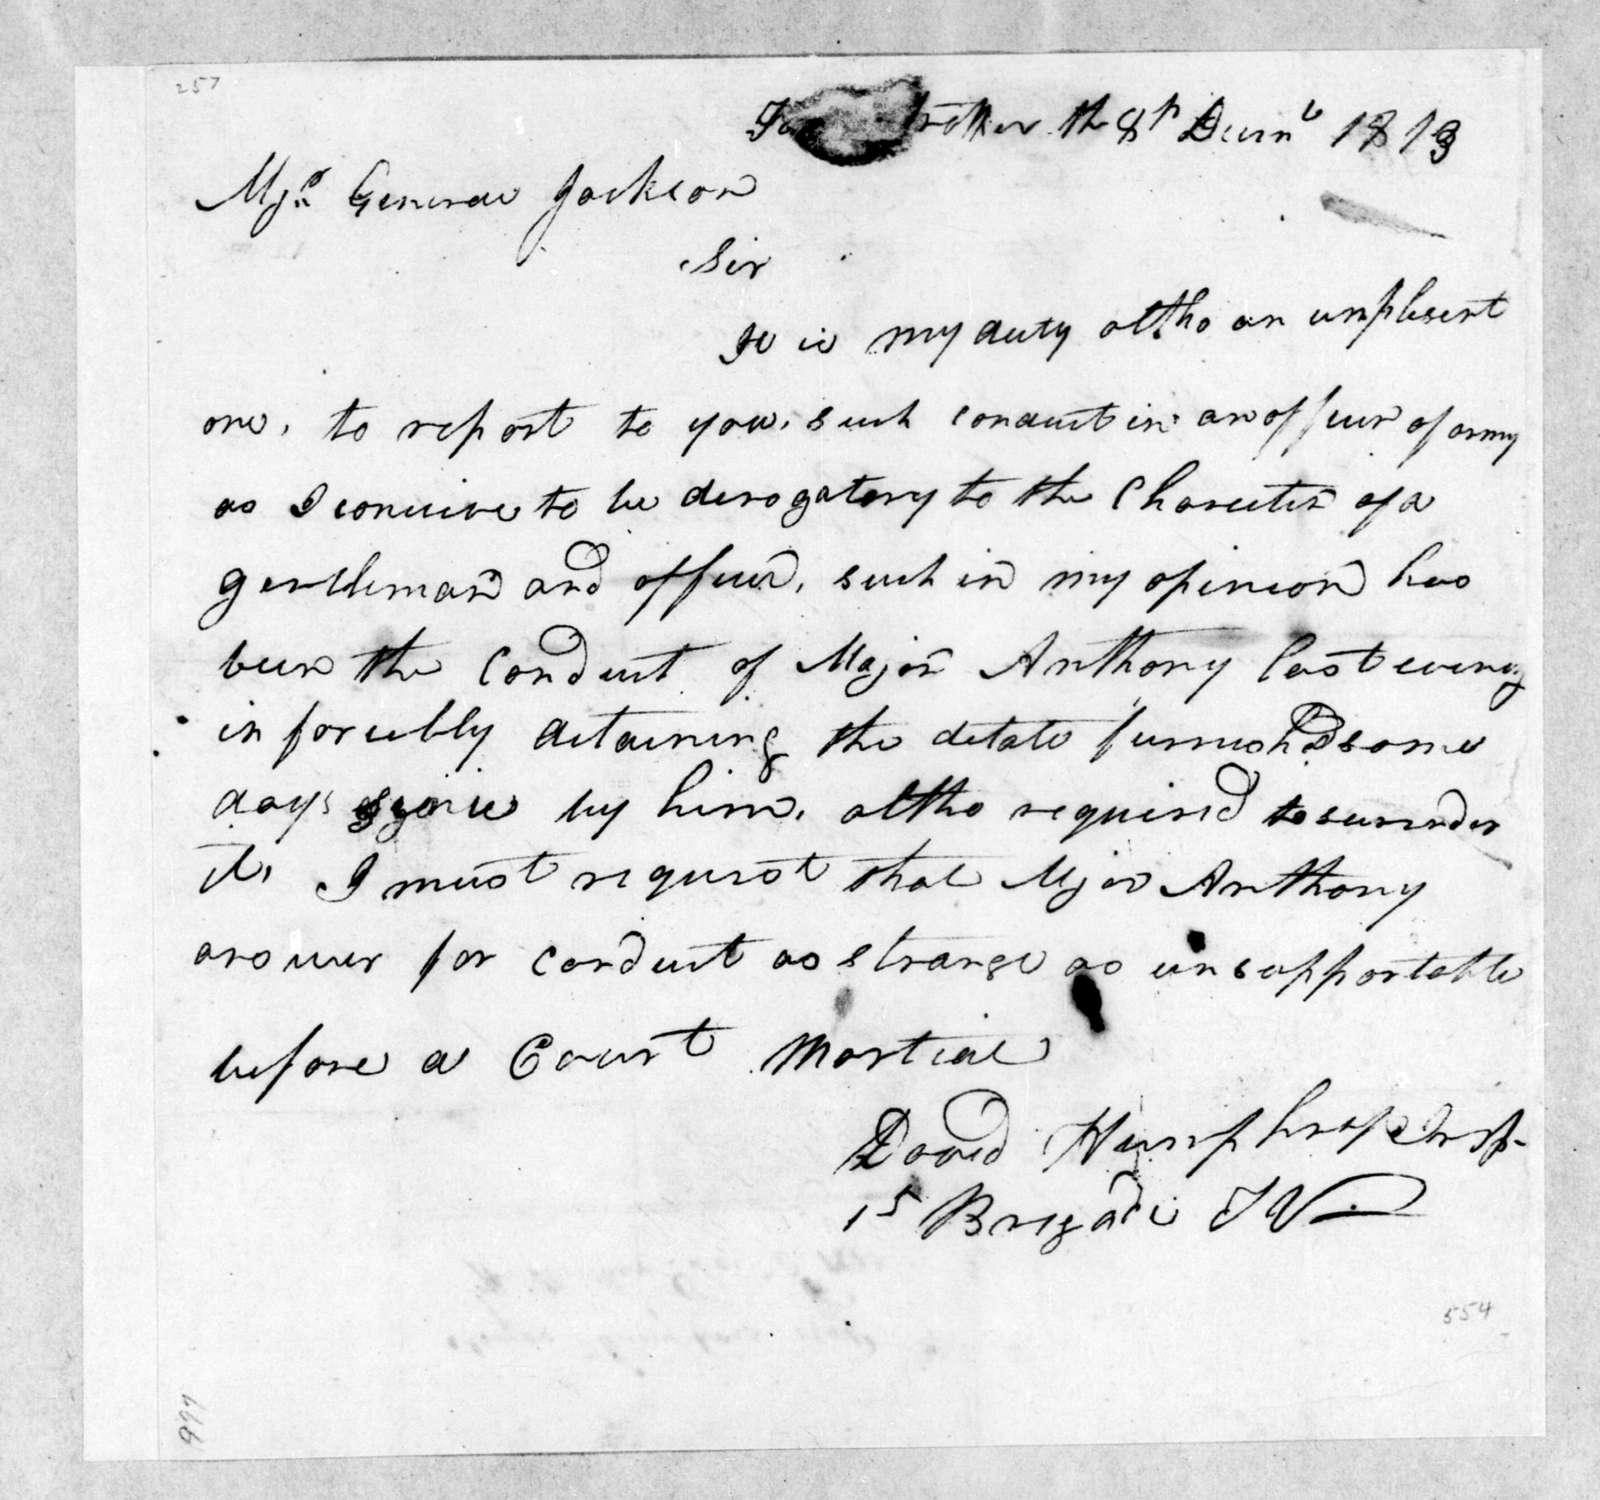 David Humphreys to Andrew Jackson, December 8, 1813